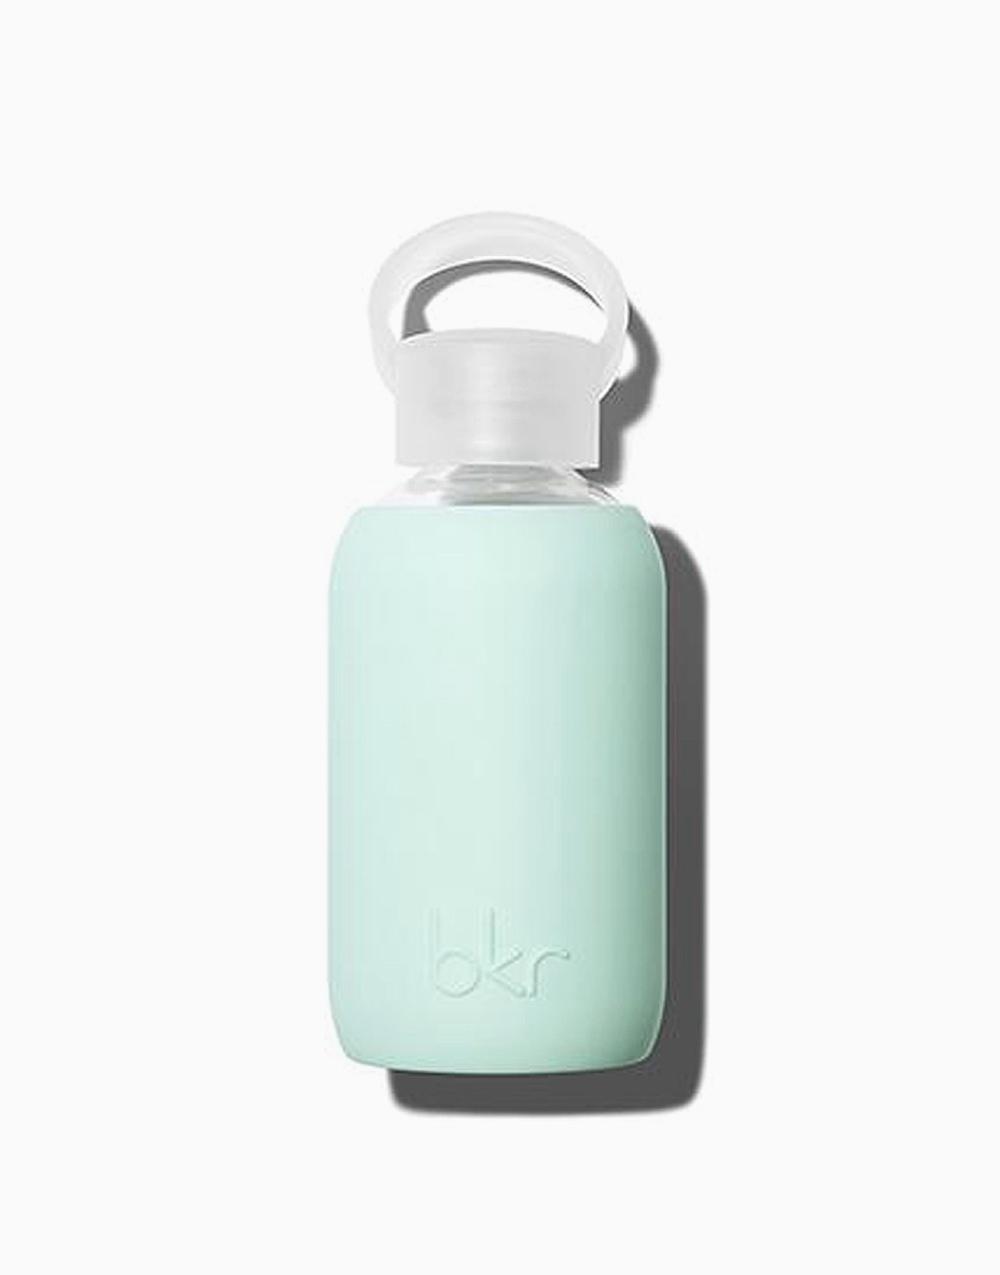 Teeny Water Bottle (250ml) by Bkr | Pepper